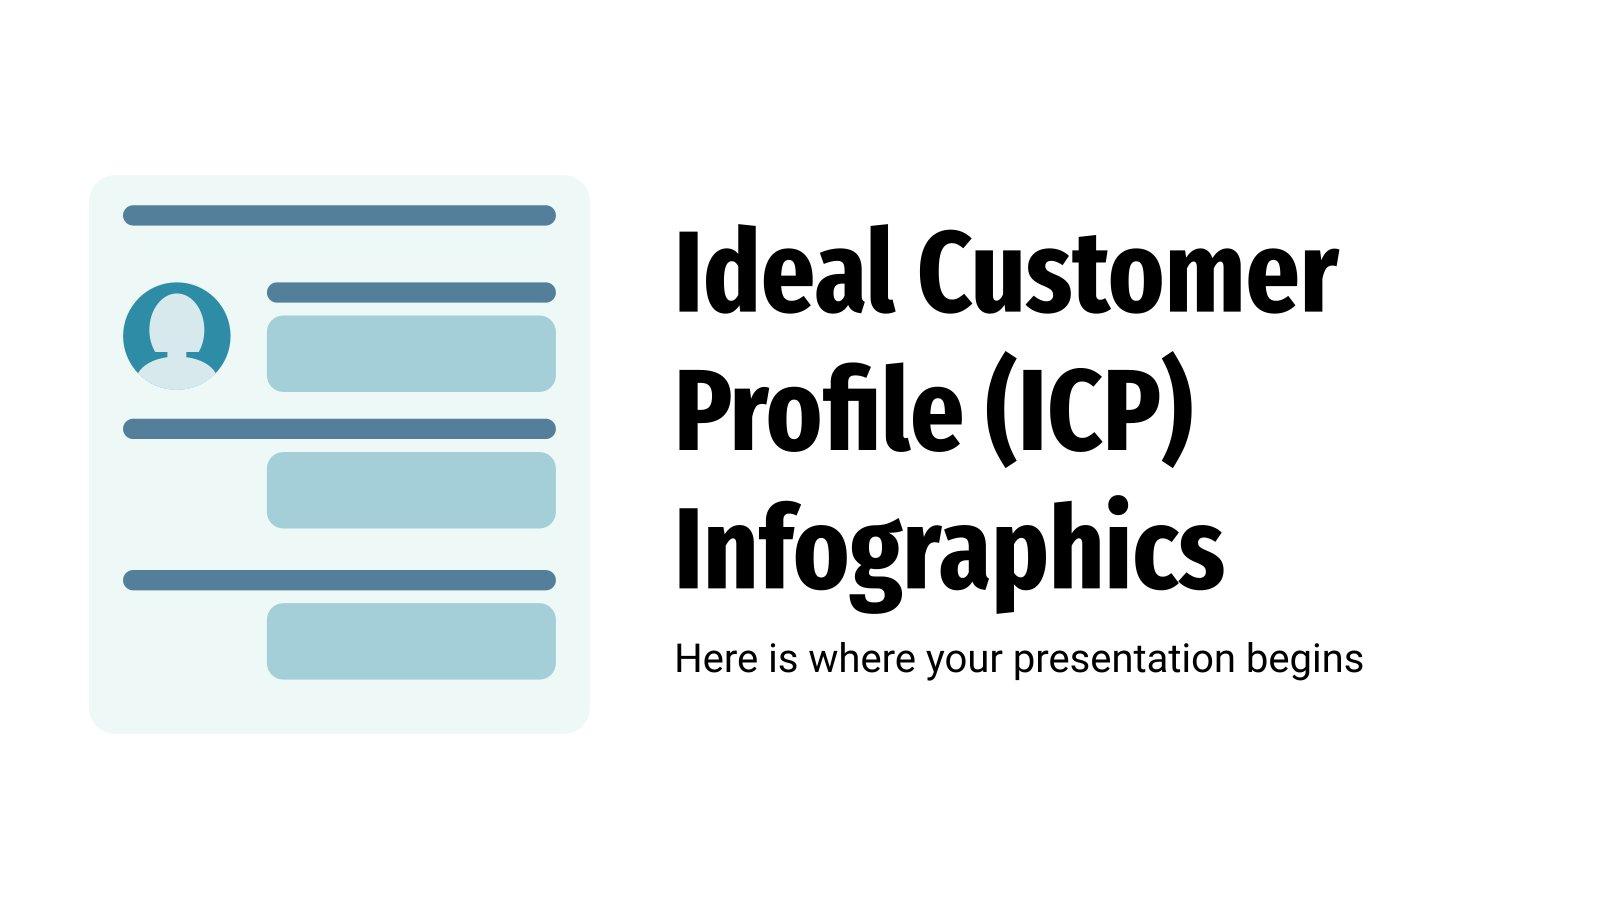 Infographies sur le profil du client idéal (PCI) : Modèles de présentation